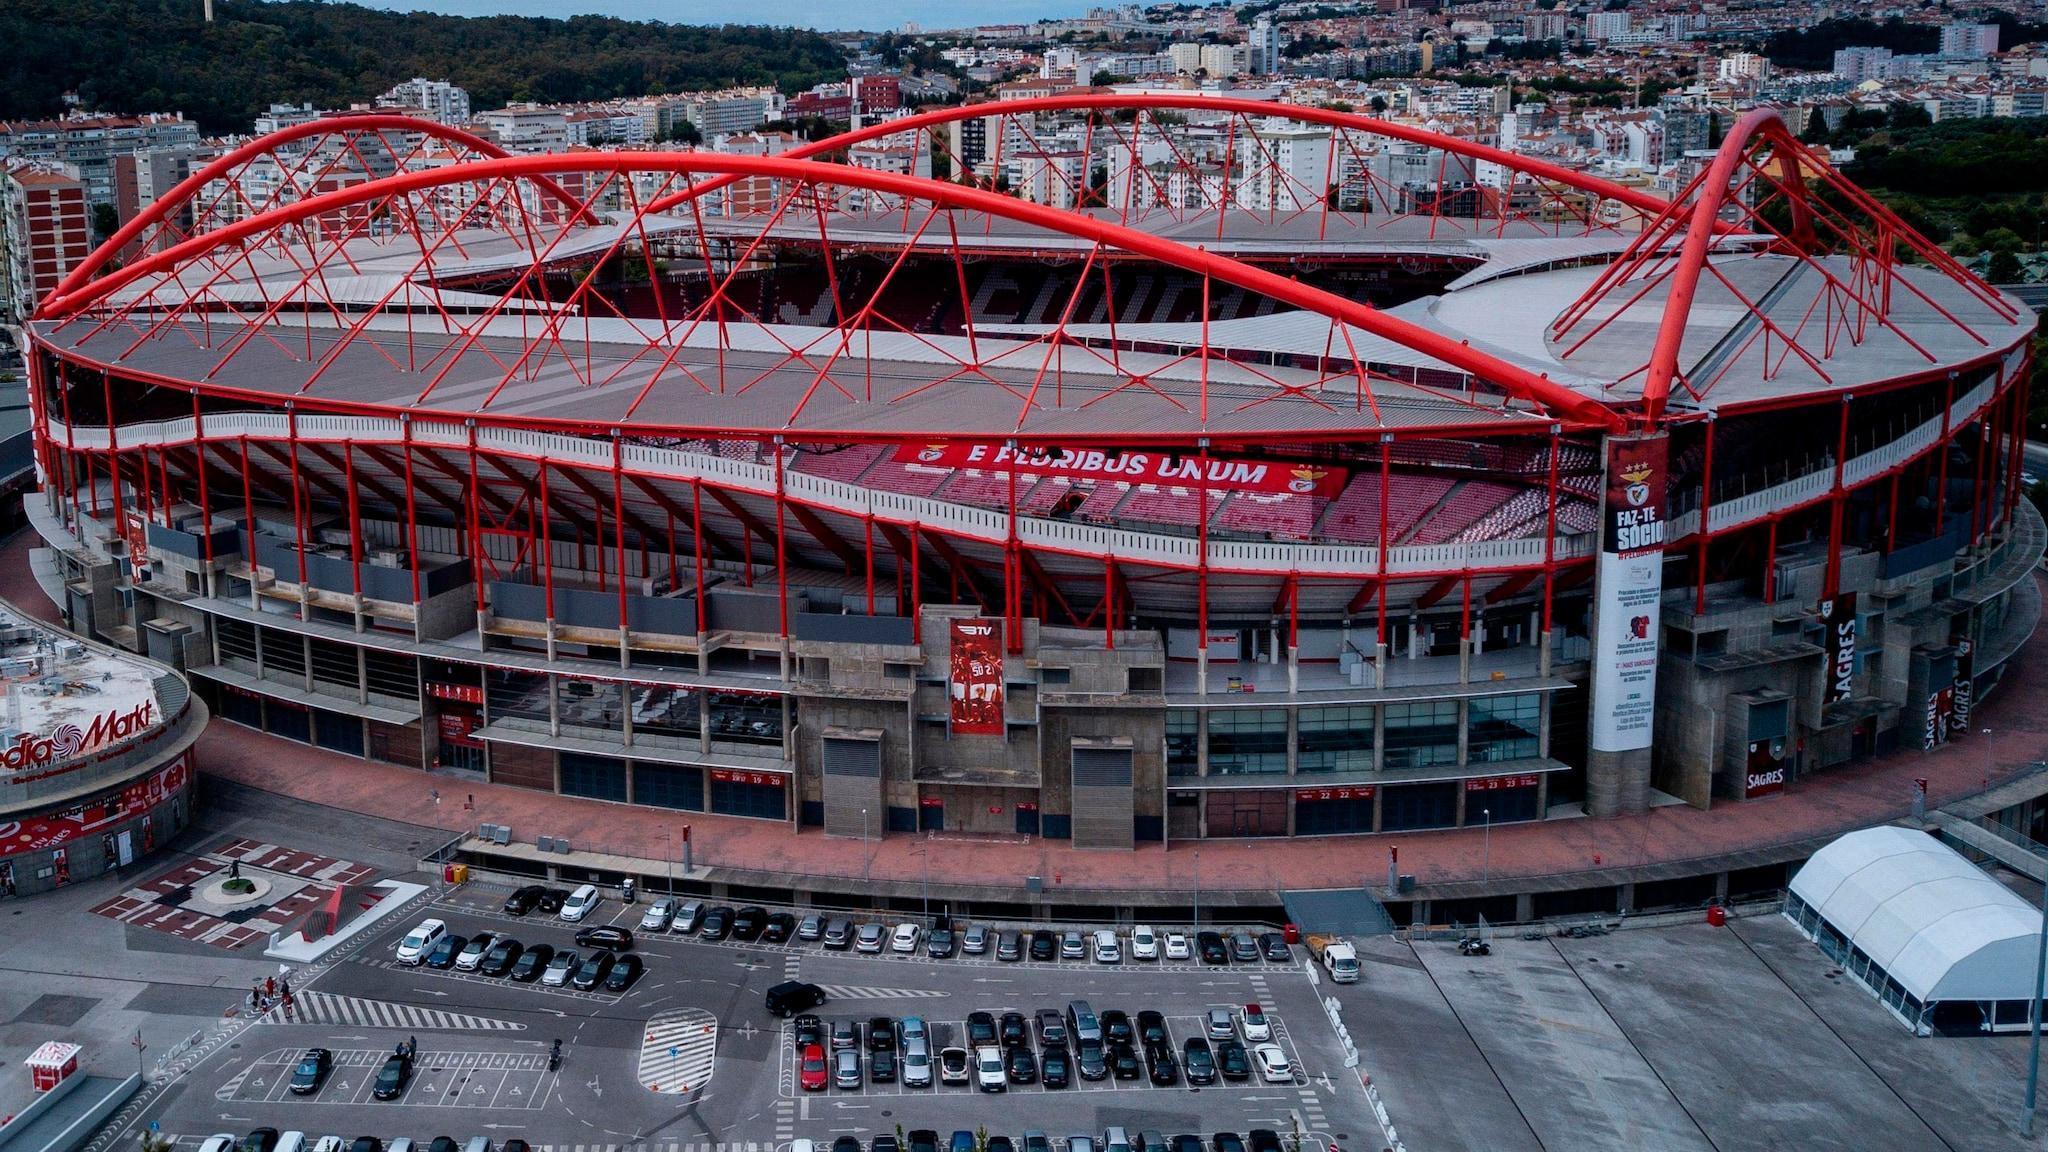 Lizbona Finał Ligi Mistrzów 2020 Turniej w Lizbonie UEFA Rozgrywki Wyniki Stadion Stadiony Portugalia w Portugalii Mecze Lisbona Liga Mistrzów Puchar Daty Bilety Wynik Informacje